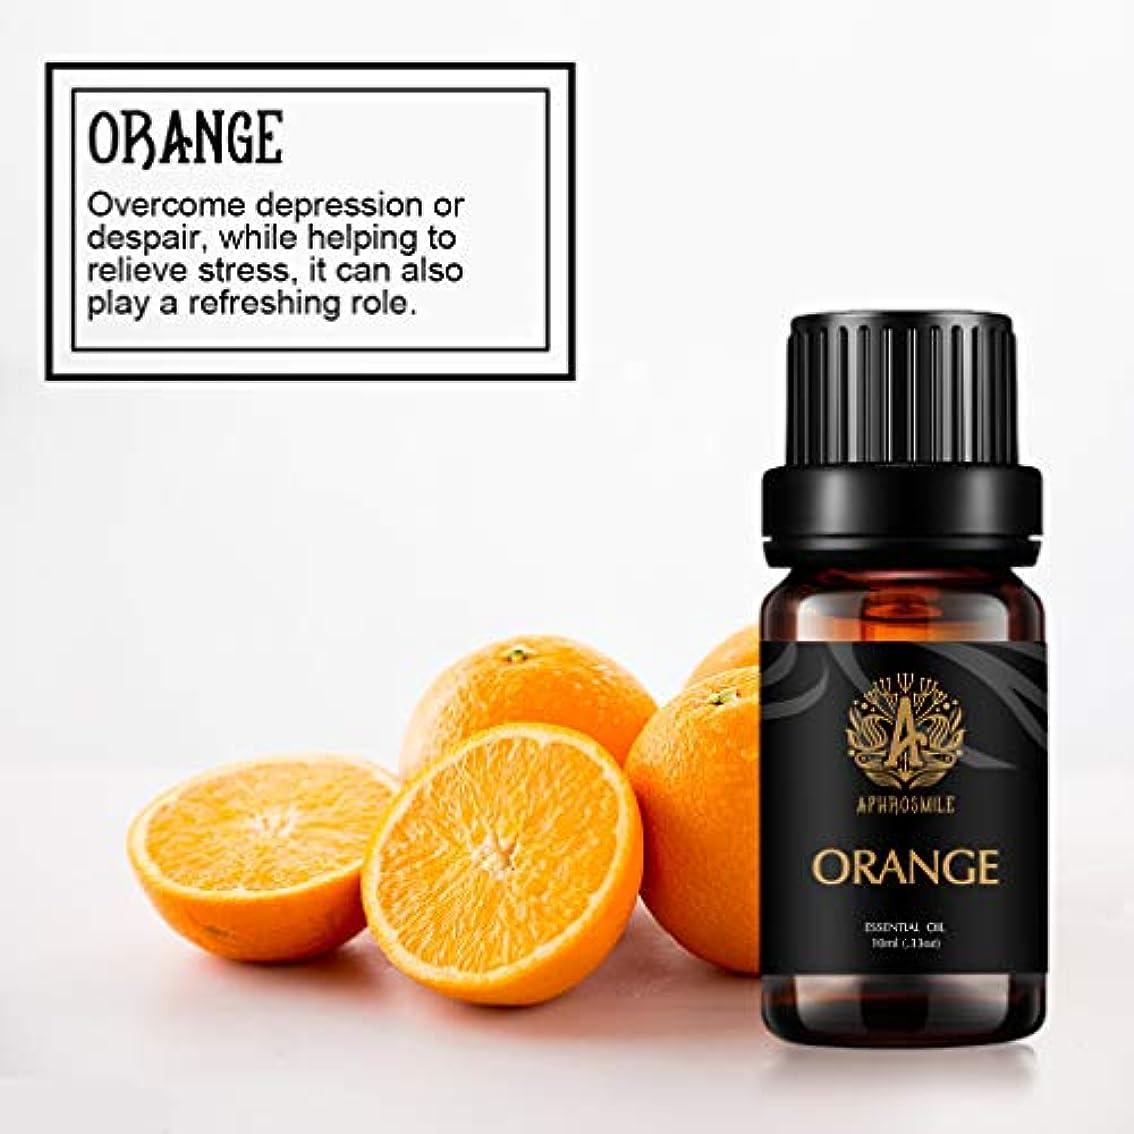 遅滞辛い編集する100%ピュアオレンジエッセンシャルオイルトディフューザー用、治療グレードオレンジエッセンシャルオイルの香り、加湿器マッサージ用0.33oz-10mlアロマセラピーオレンジフレグランスエッセンシャルオイル